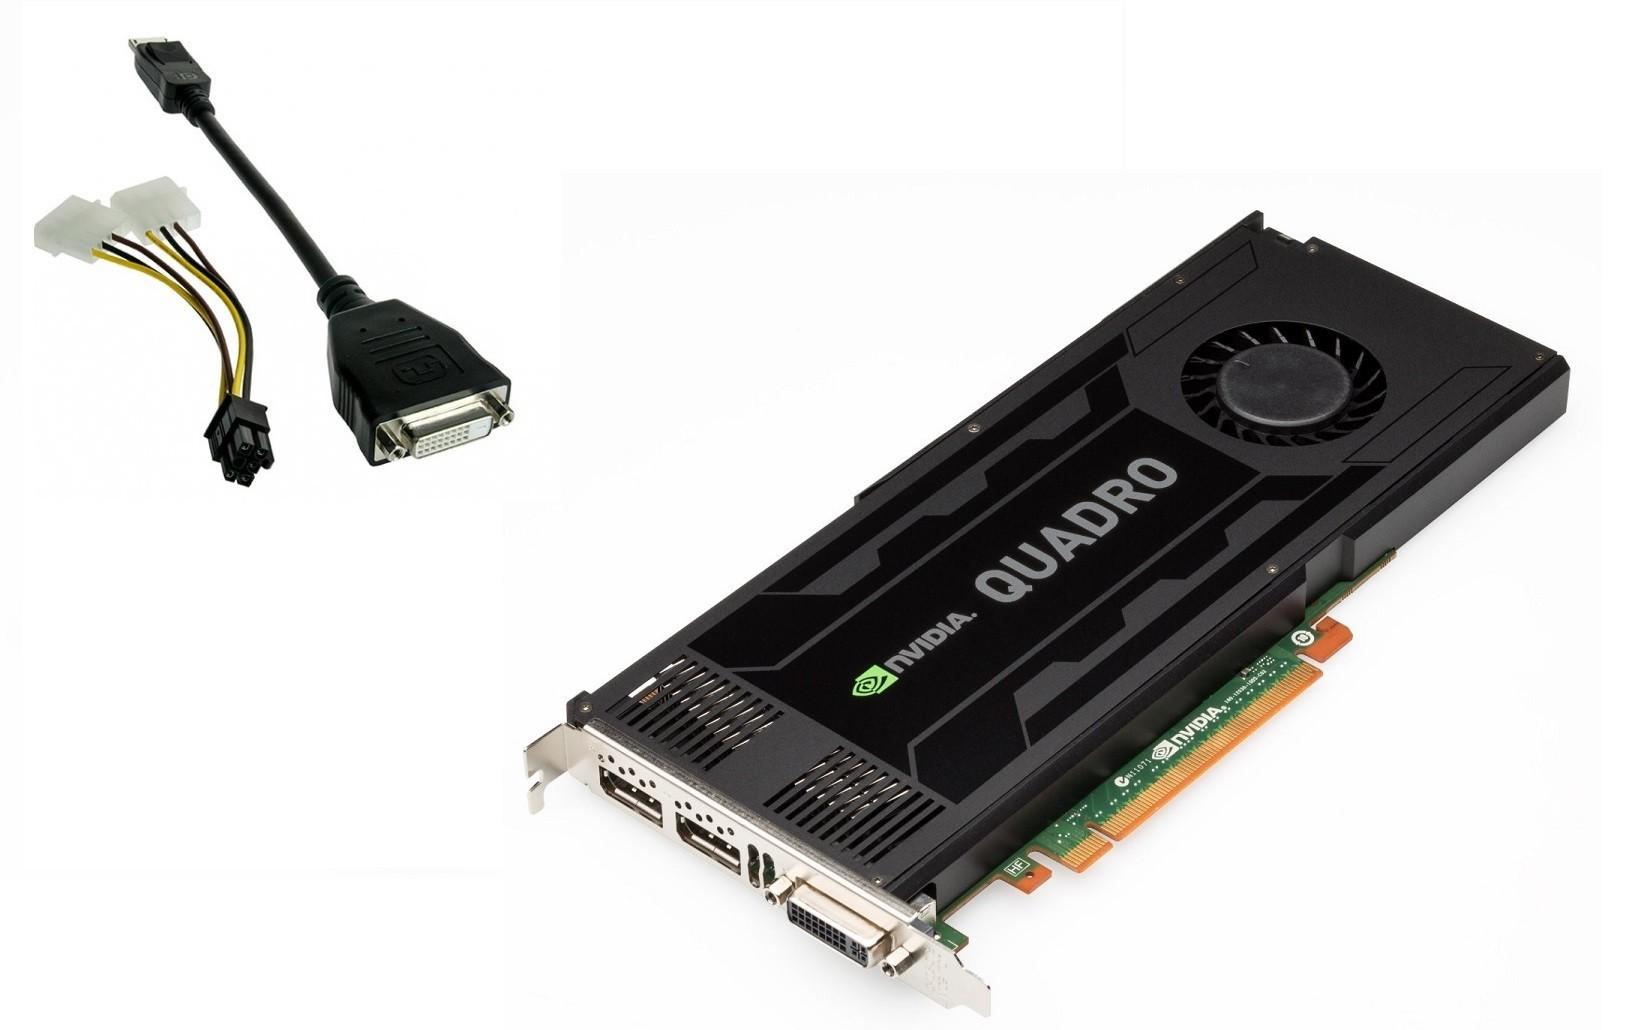 3GB HP Quadro K4000 GDDR5 PCI Express 2.0 x16 2x Displayports DVI Graphic Card C2J94AT